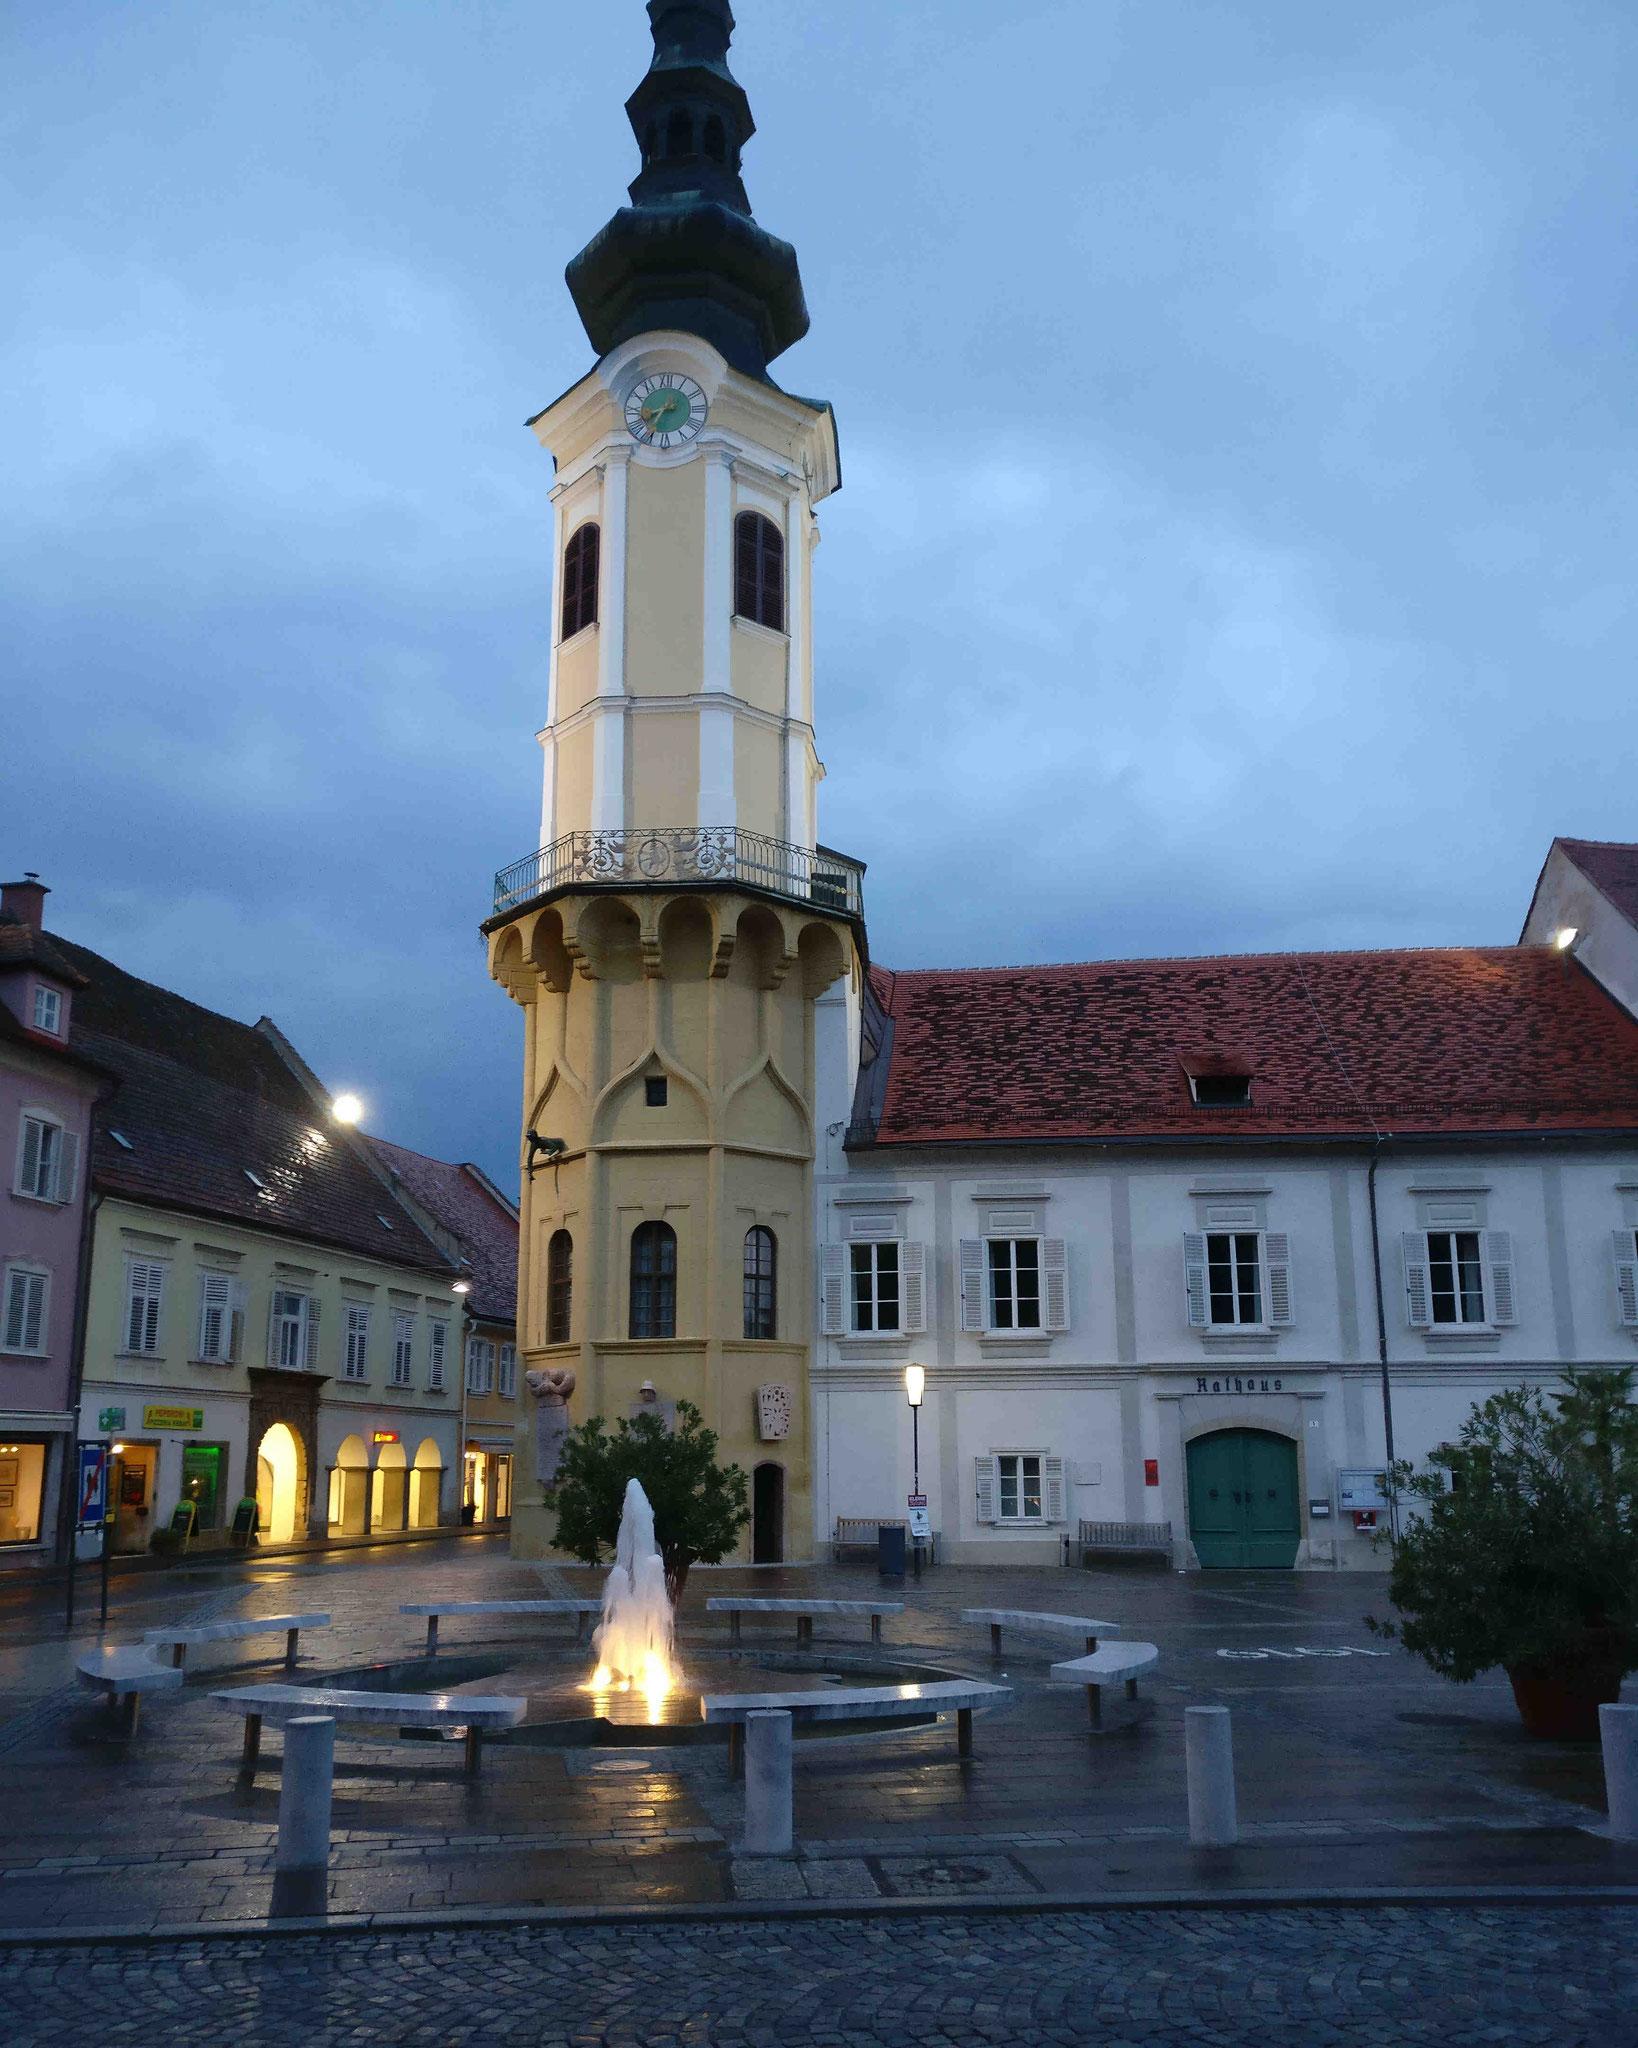 Rathaus in Bad Radkersburg